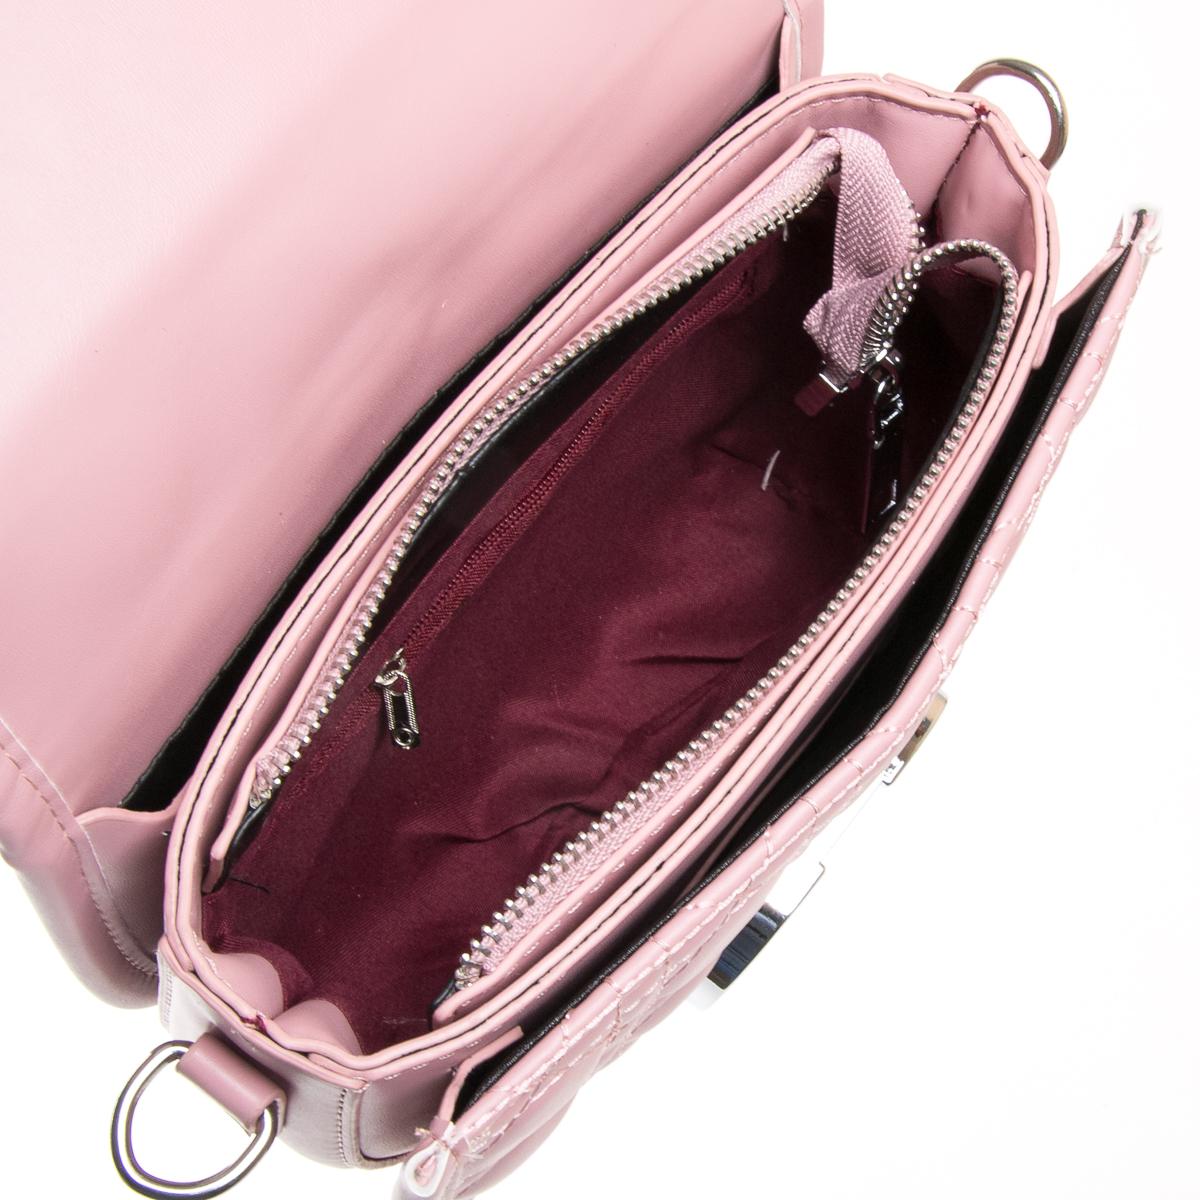 Сумка Женская Классическая иск-кожа FASHION 01-04 7117 pink - фото 5